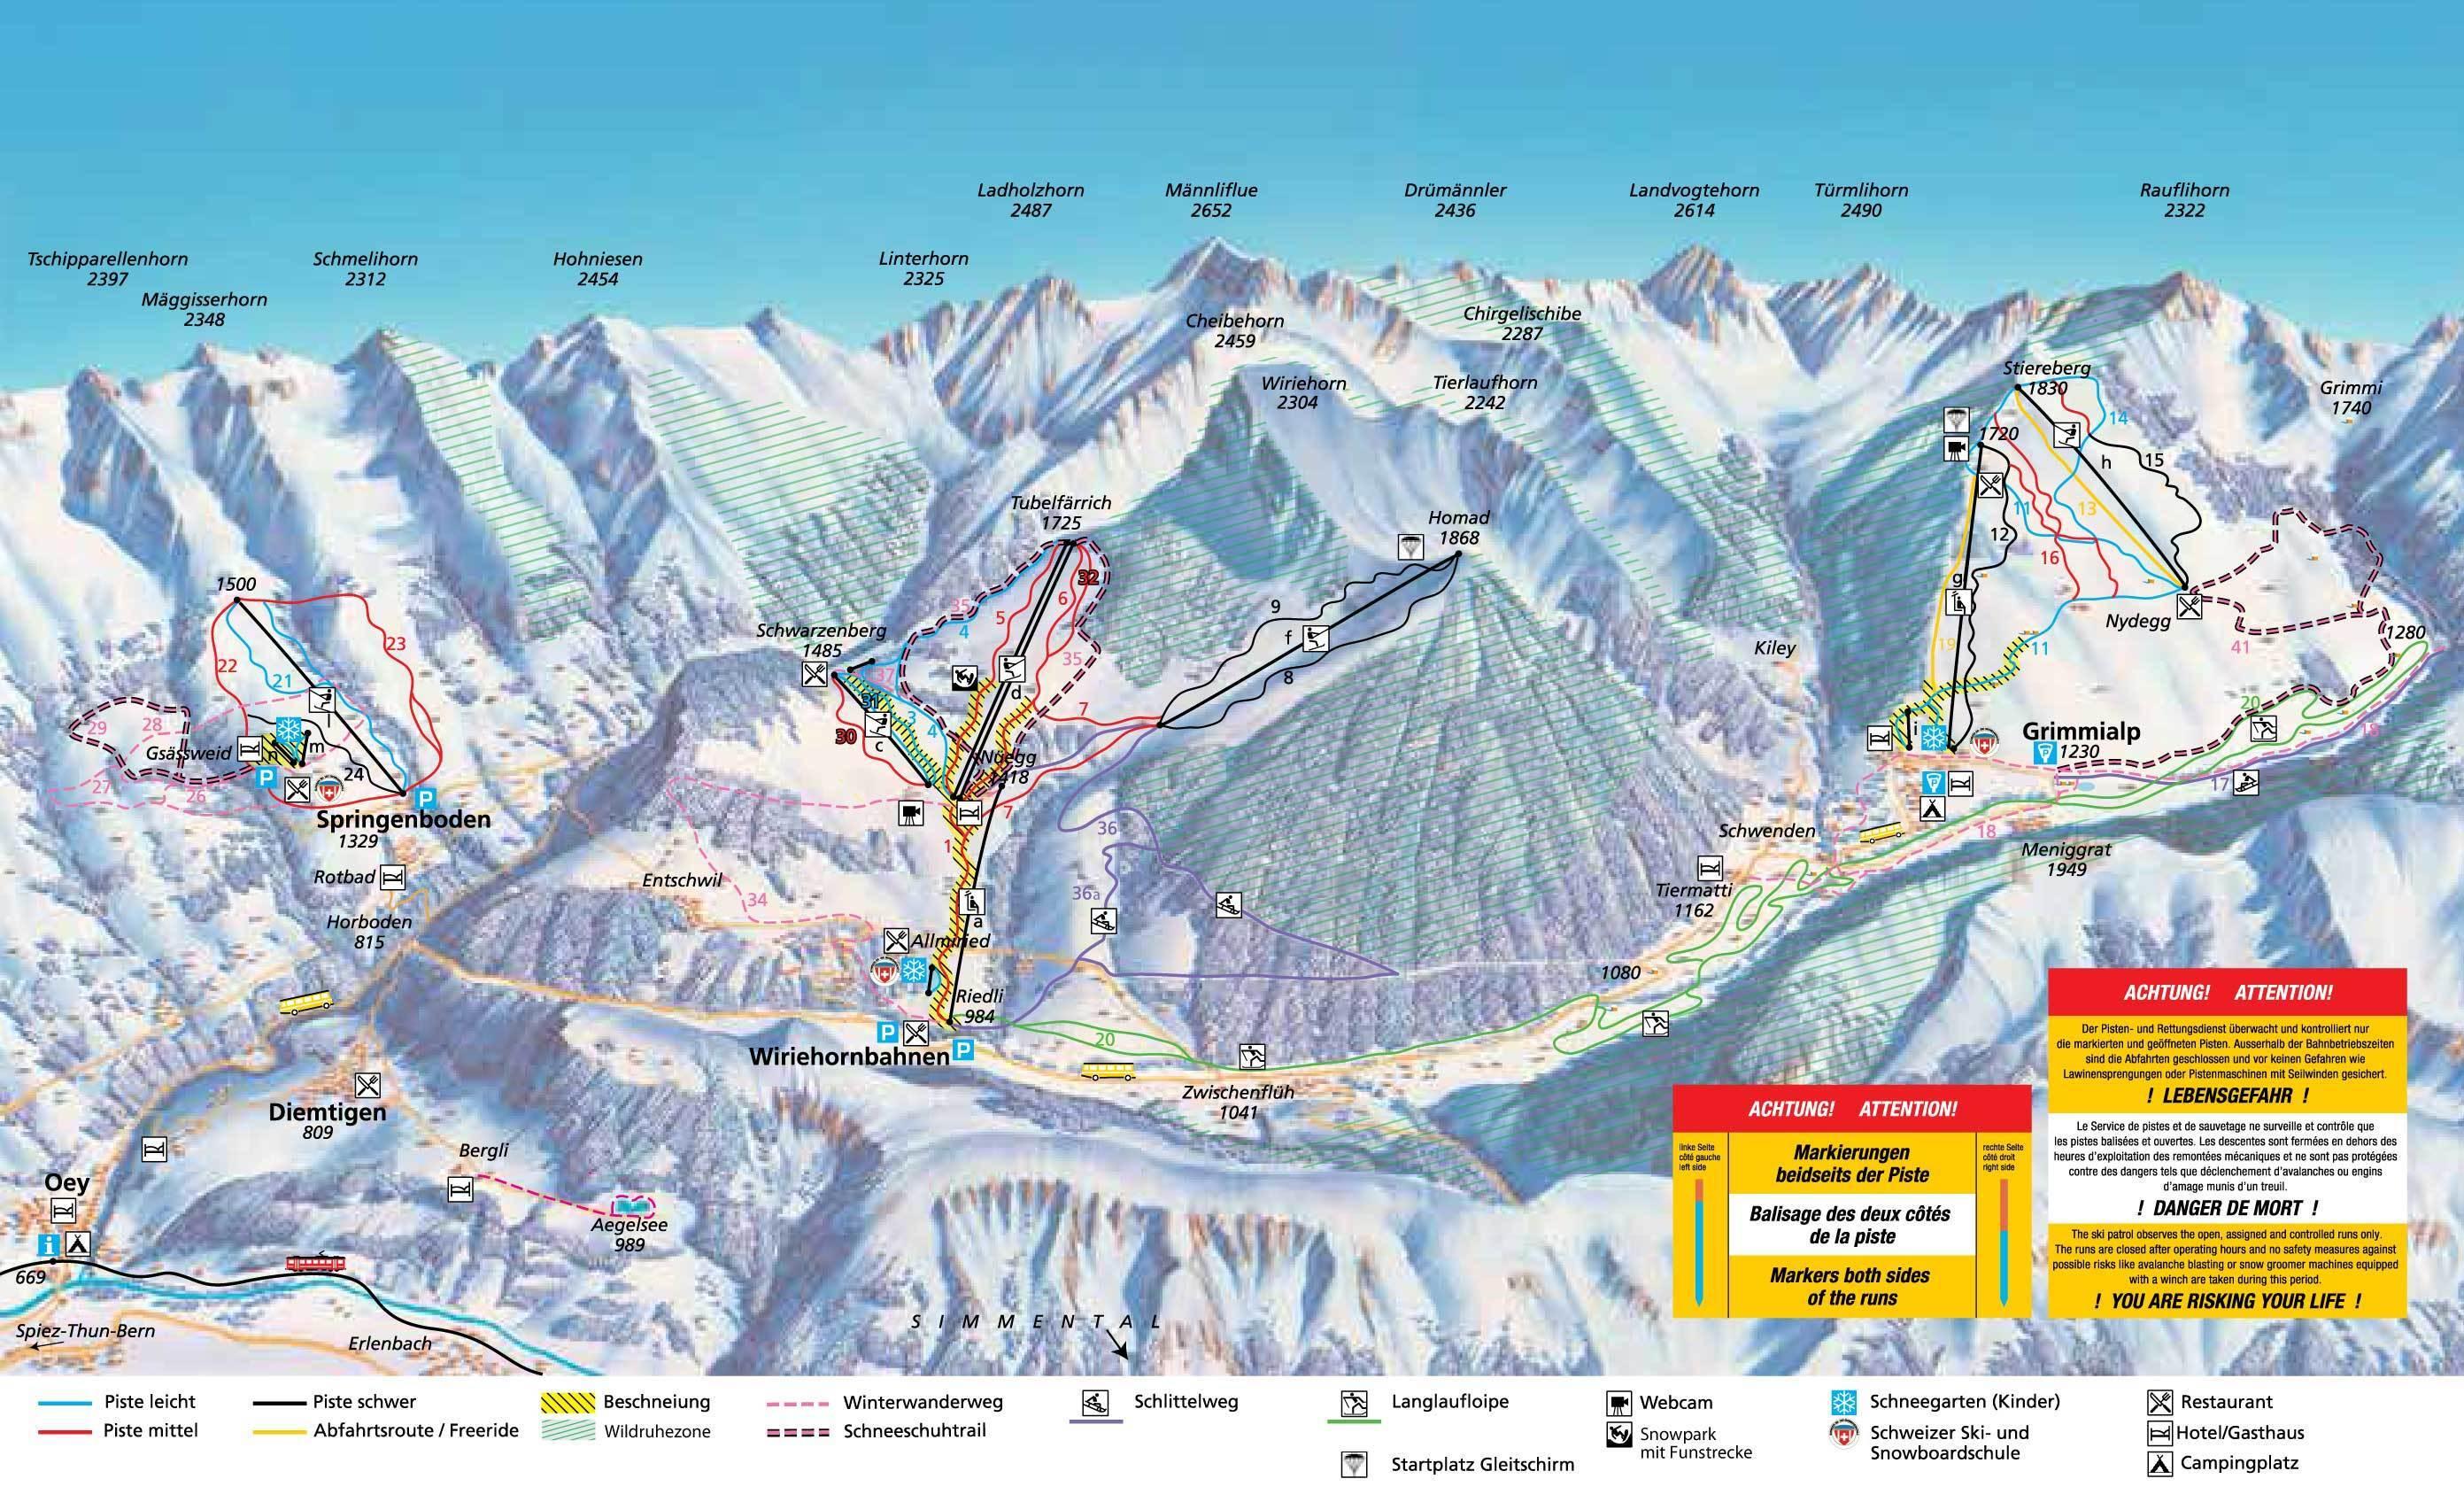 Diemtigtal - Springenboden Piste / Trail Map